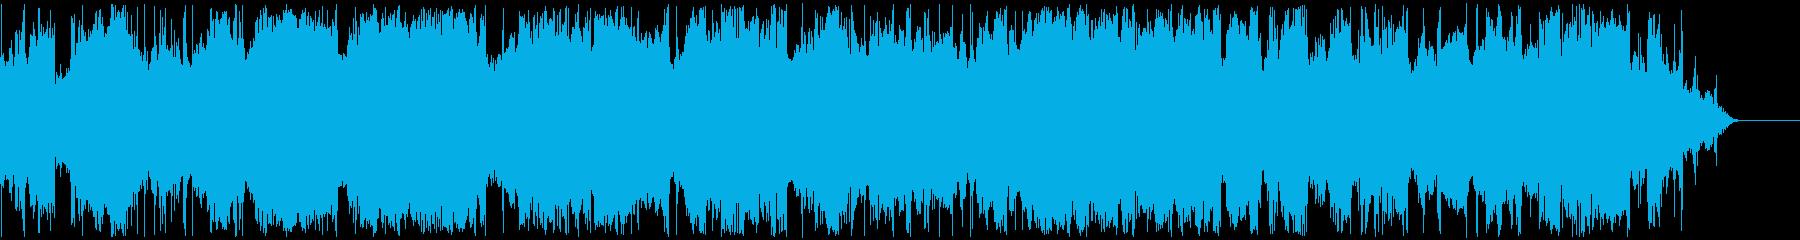 連続的な電気アーク、クローズアップ...の再生済みの波形